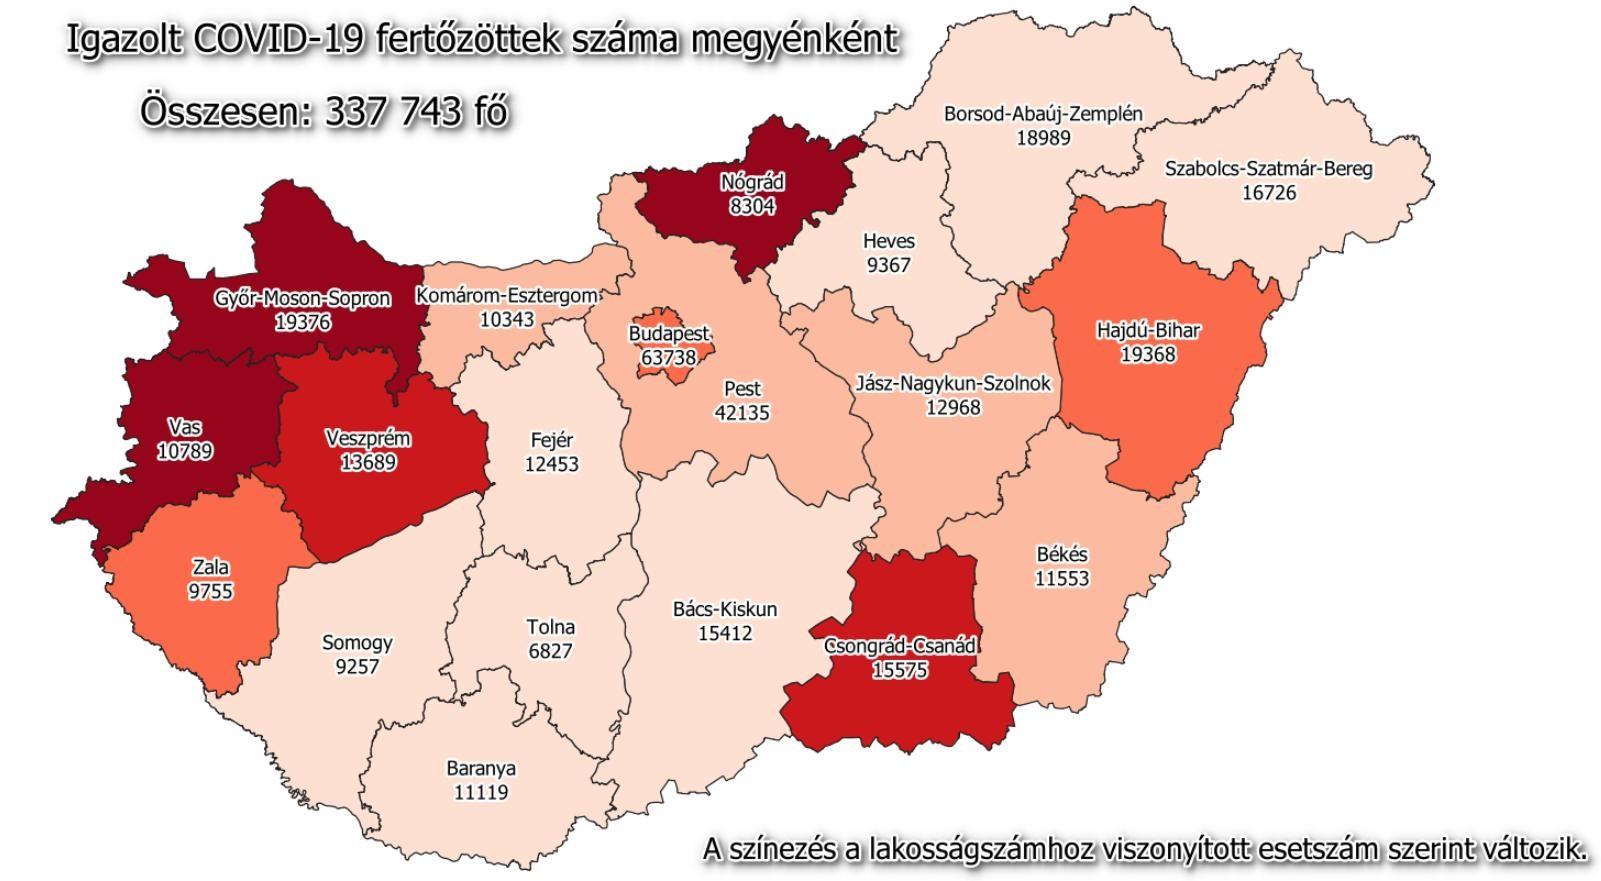 Koronavírus - Megyei adatok, számok pénteken